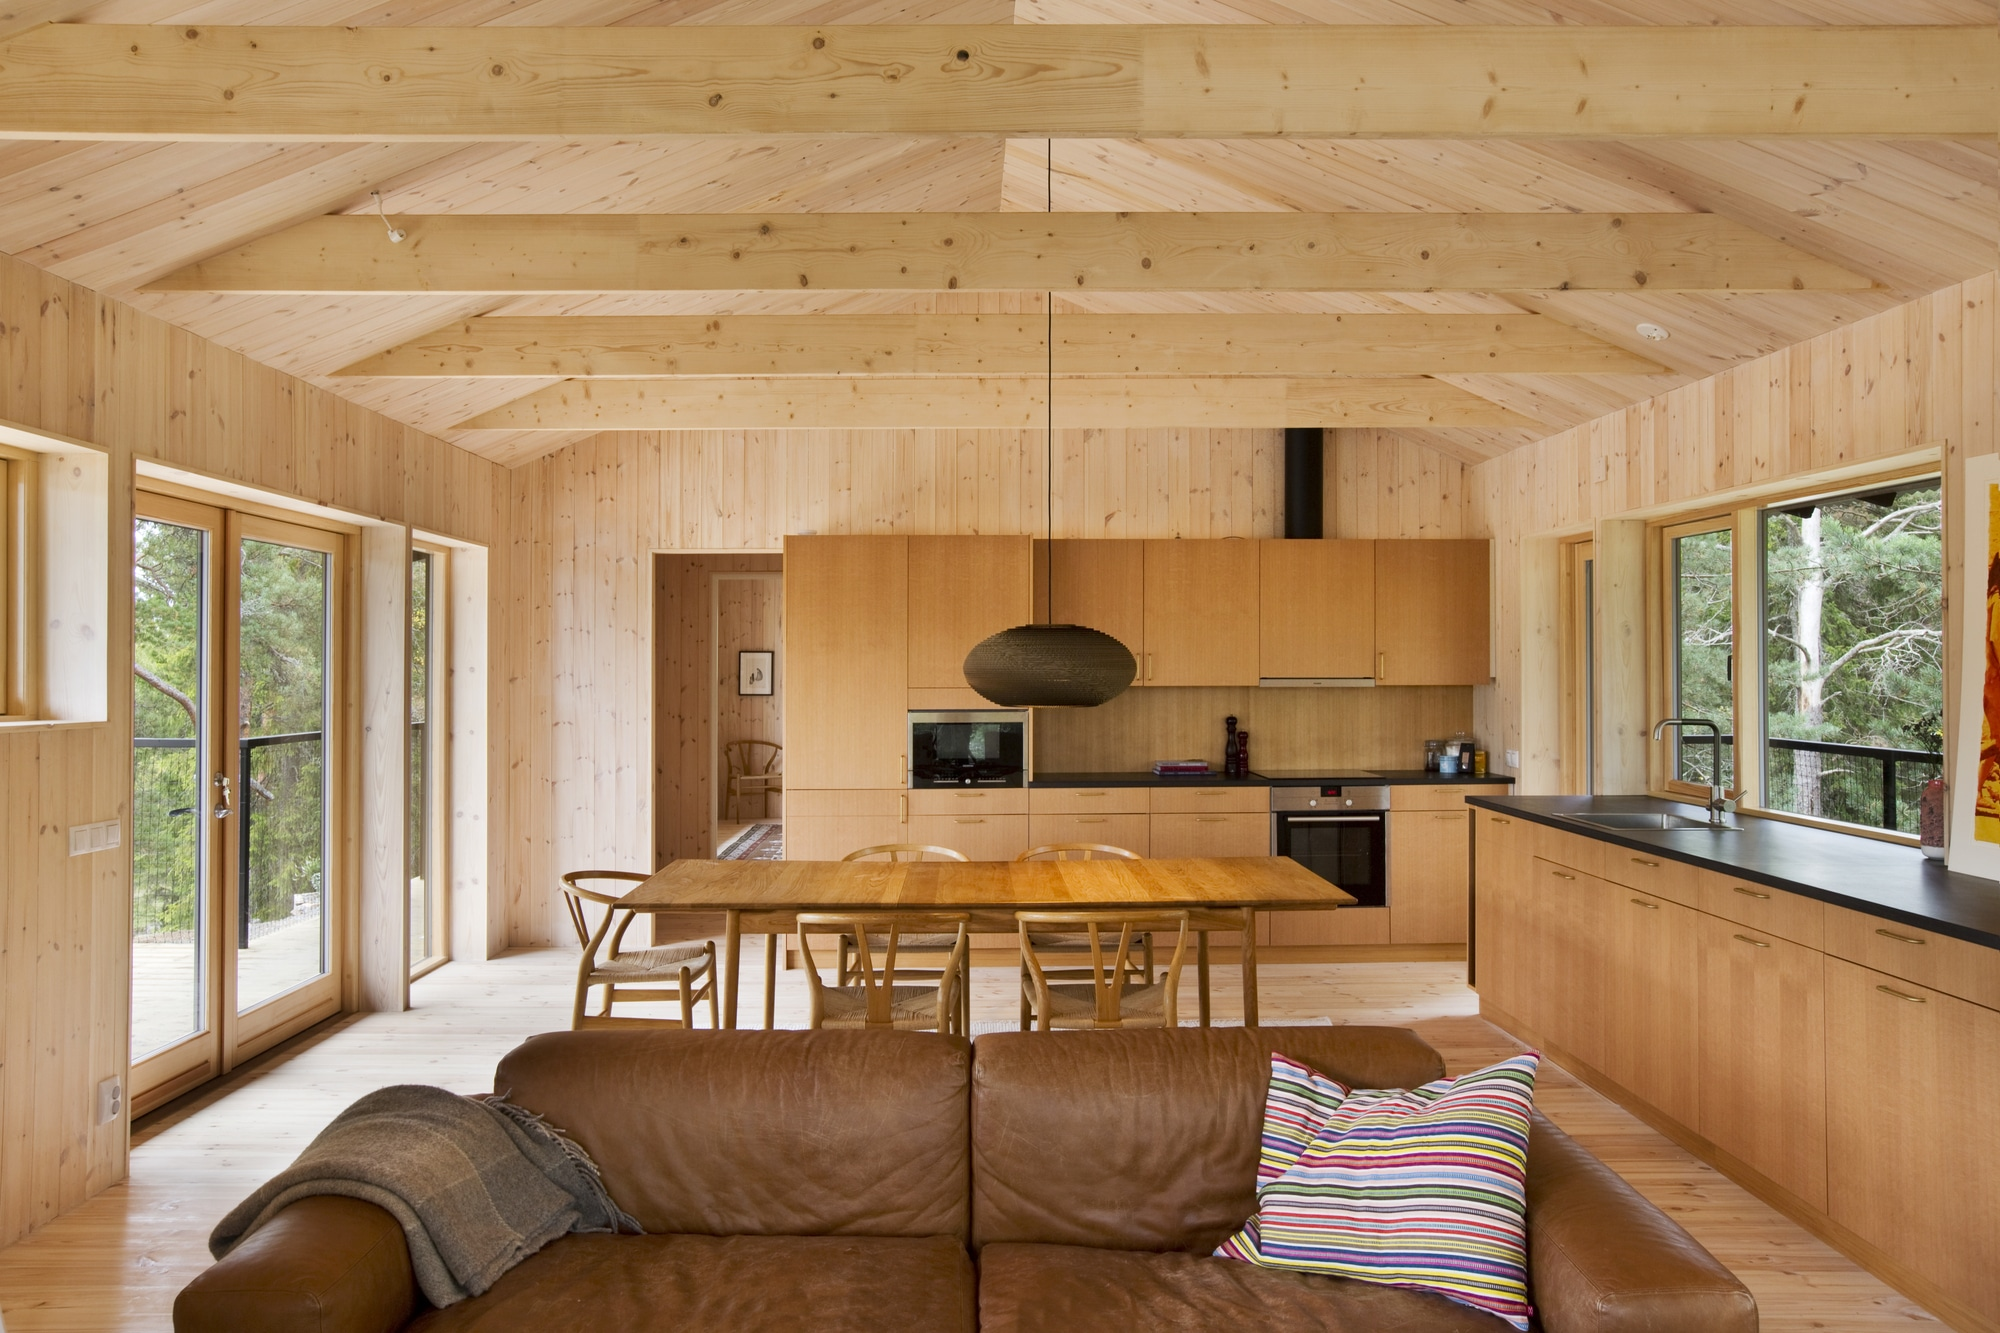 Dise o de cocina de madera construye hogar - Disenos de cocinas de madera ...